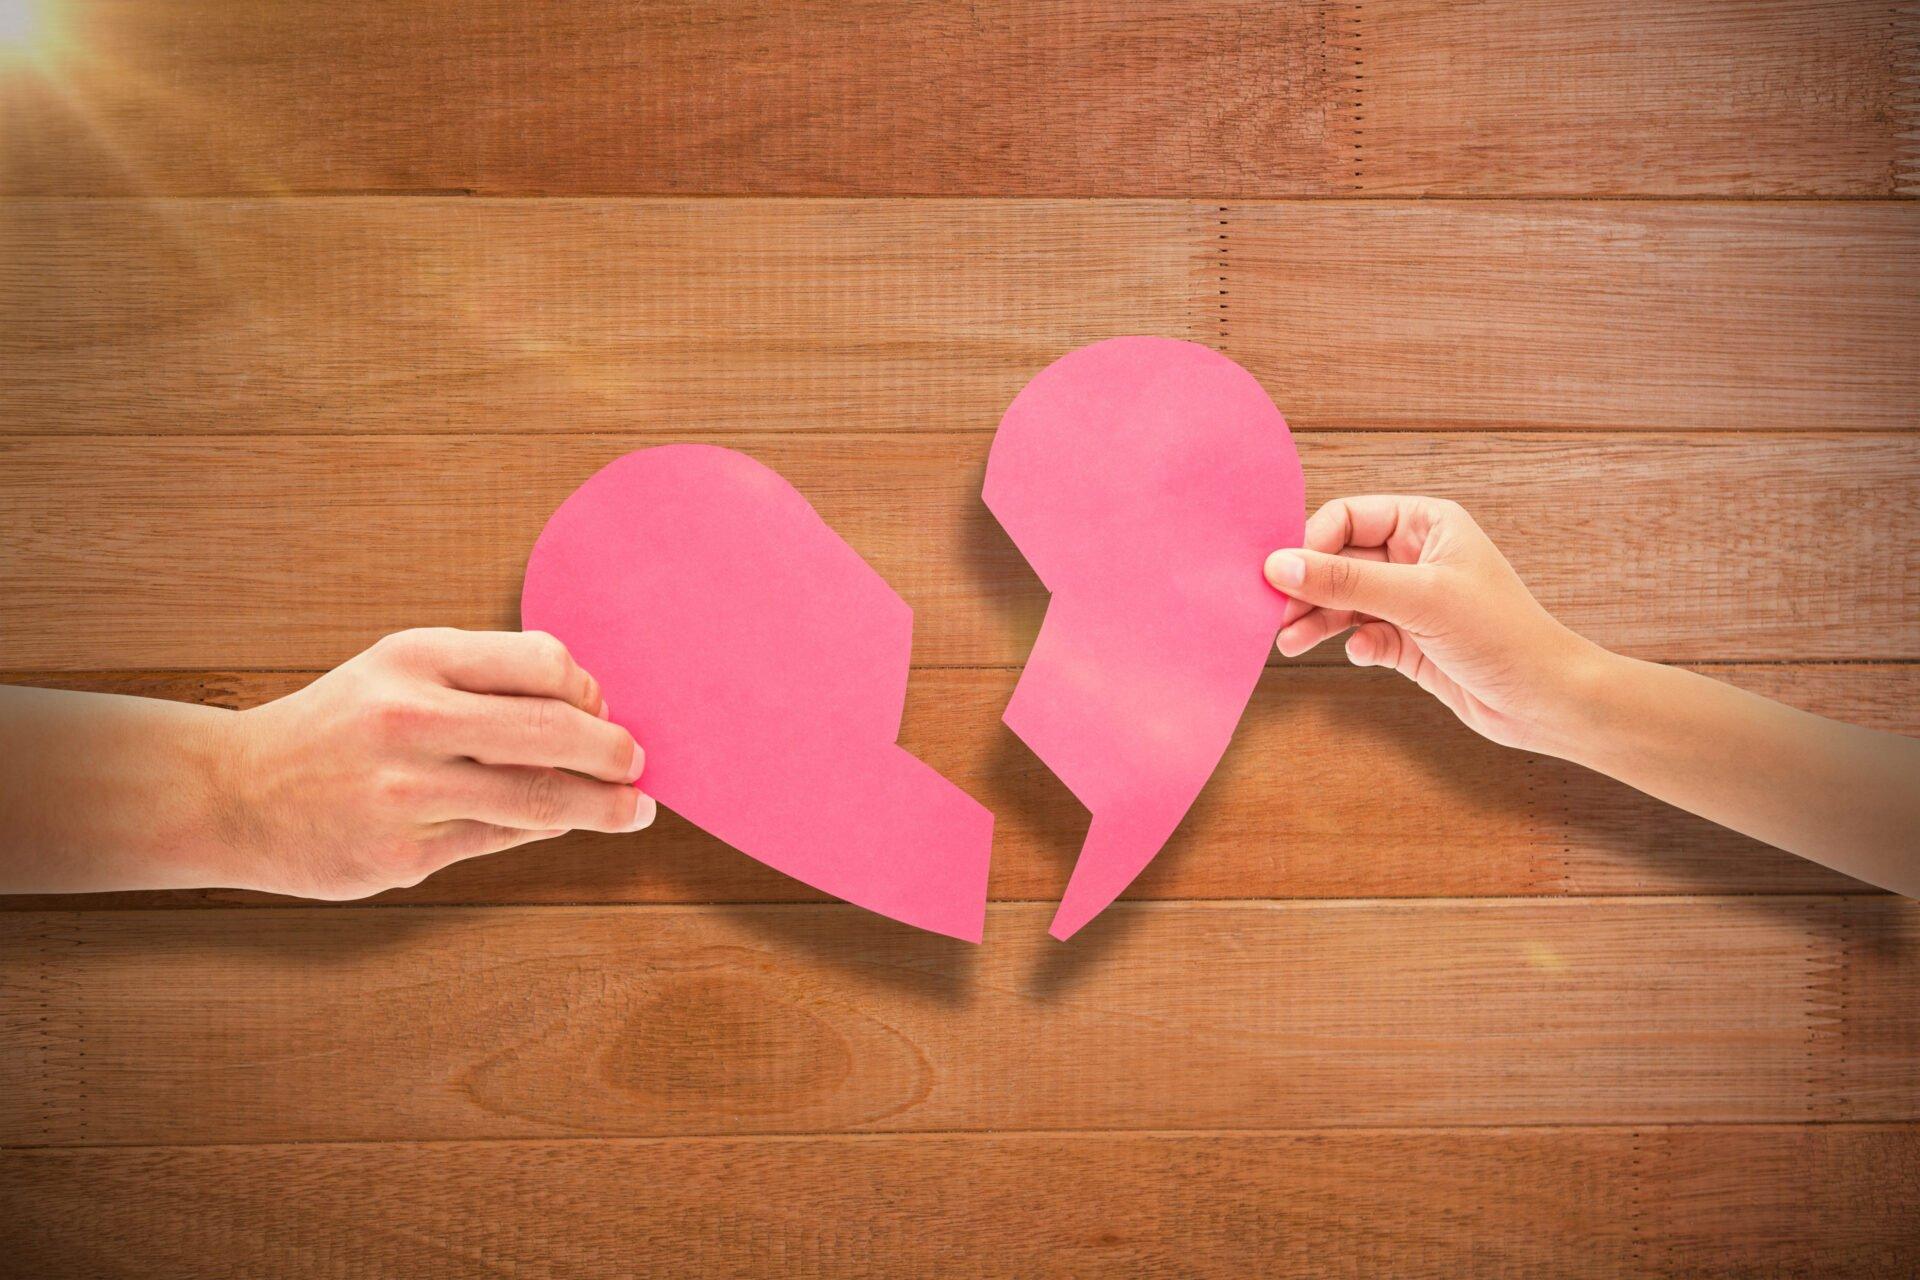 Hands holding two halves of broken heart against wooden floor